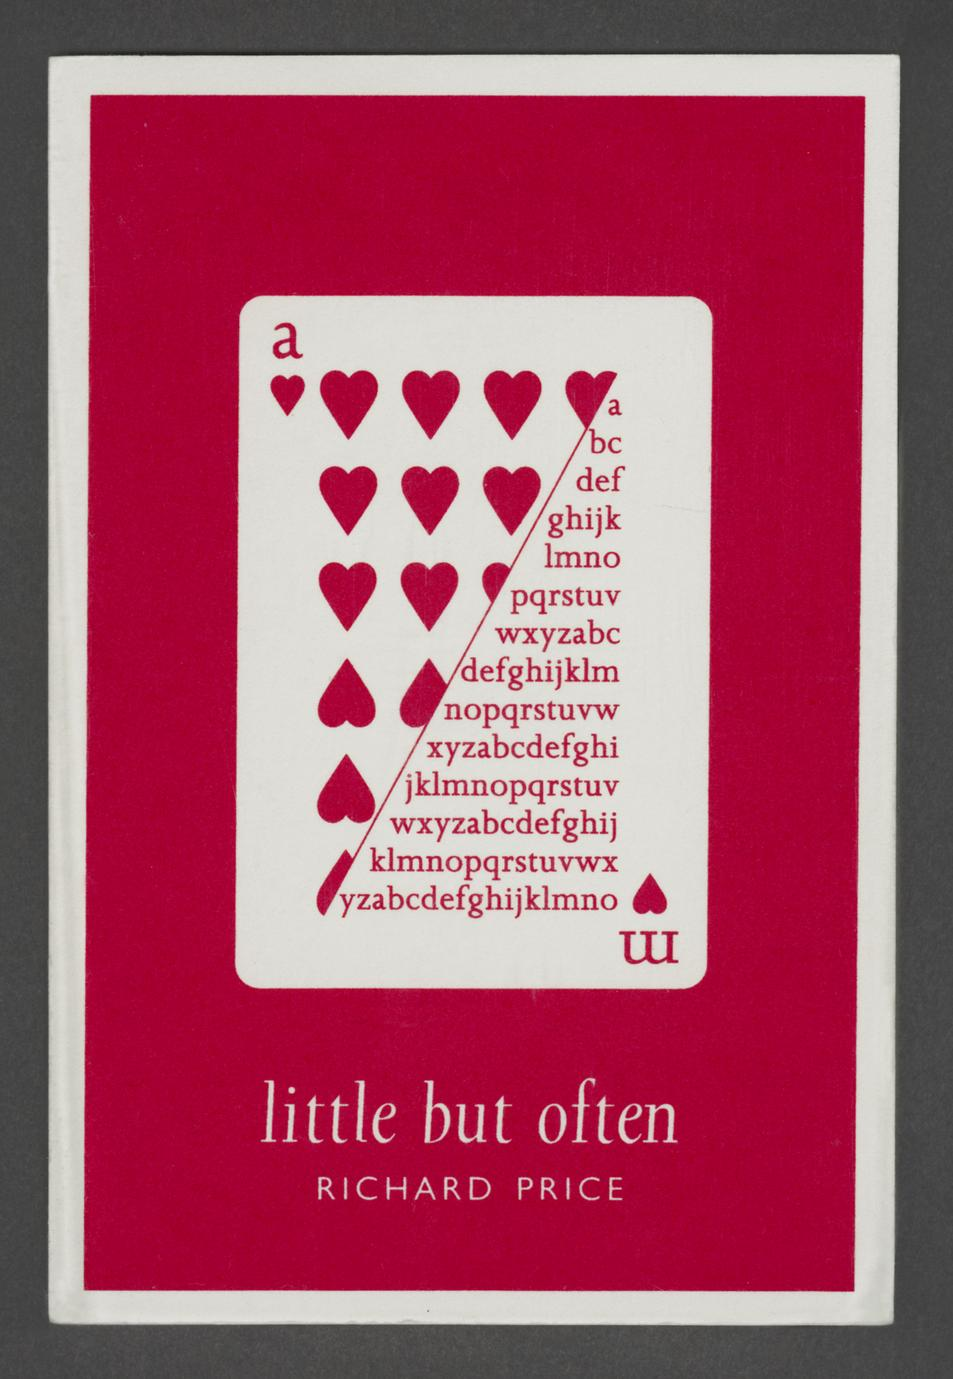 Little but often (1 of 3)